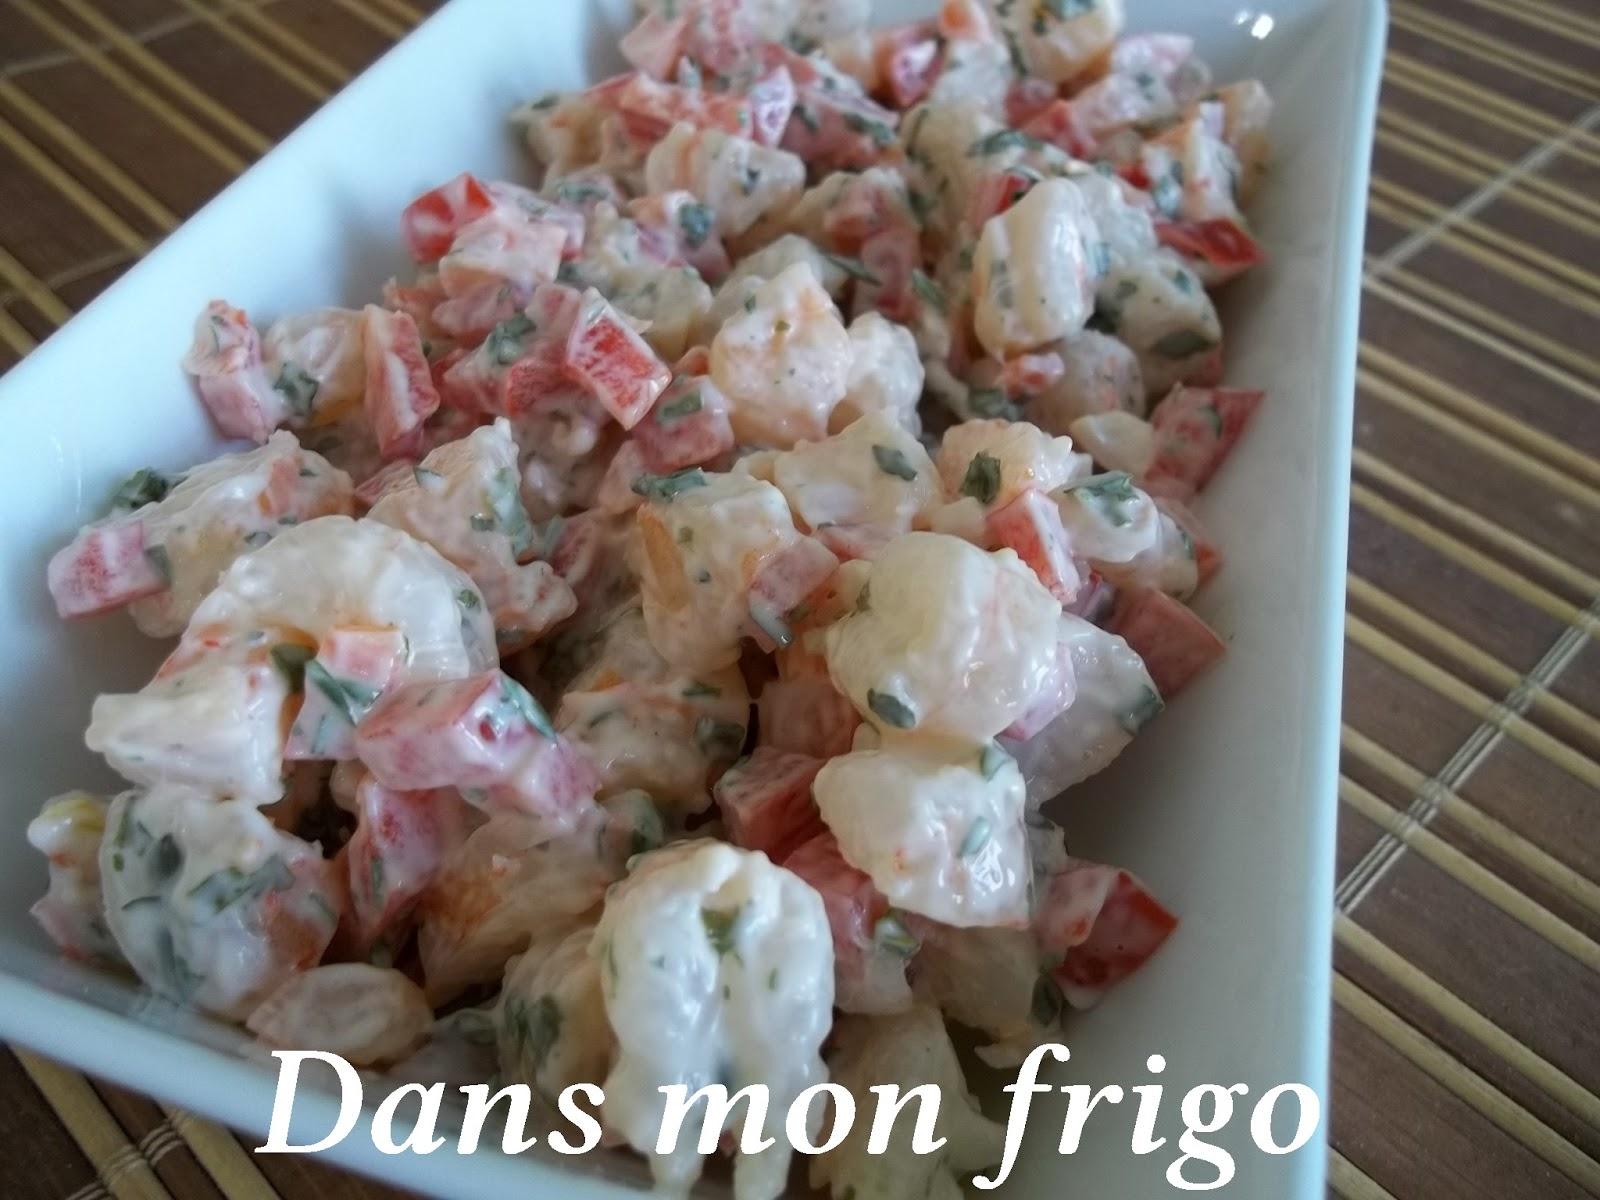 Dans mon frigo burger aux crevettes for 750g dans mon frigo